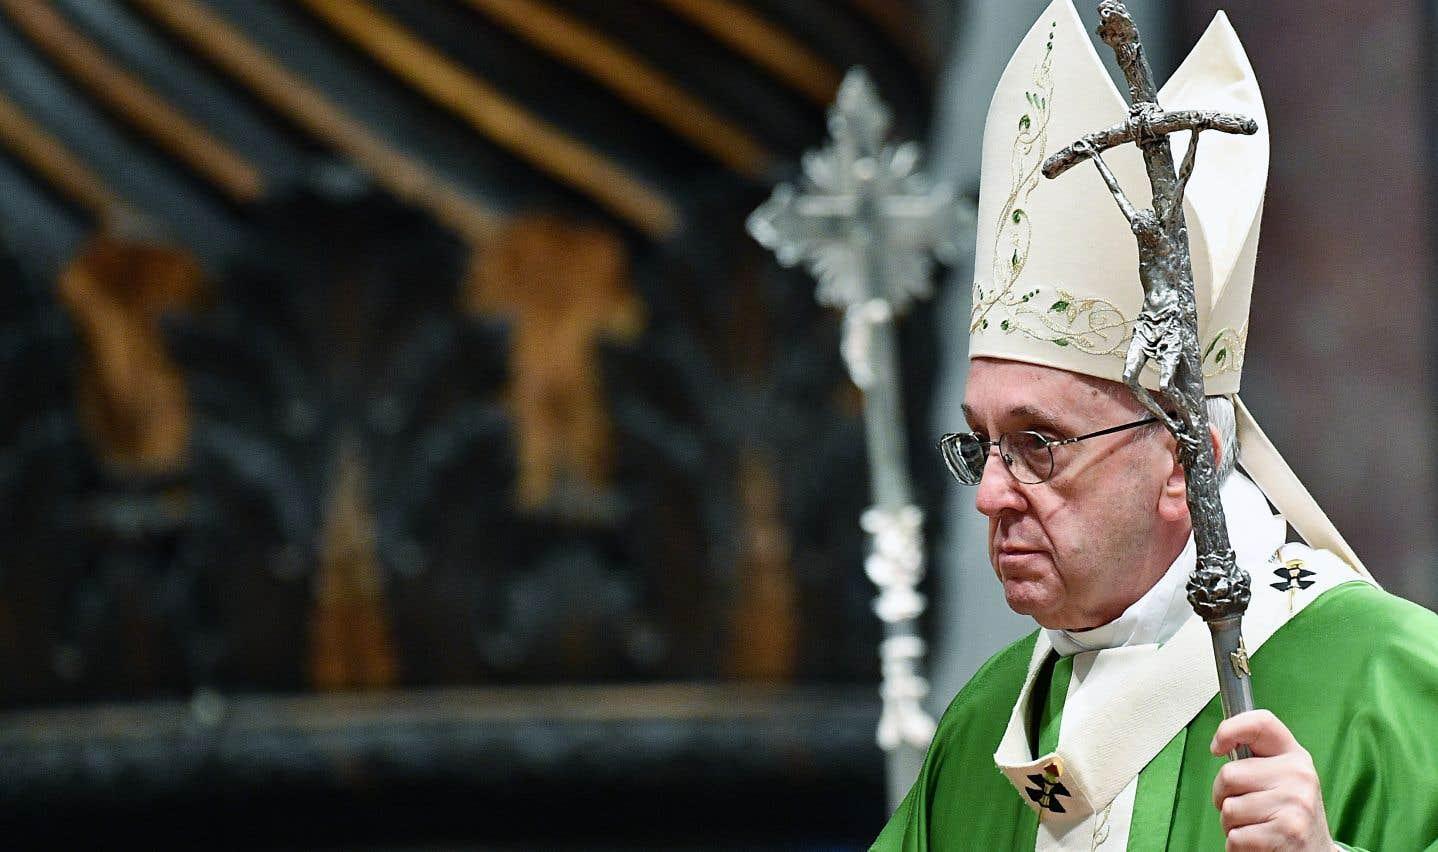 Le souverain pontife célébrait une messe à la basilique Saint-Pierre, dimanche, pour souligner la Journée mondiale du migrant et du réfugié.